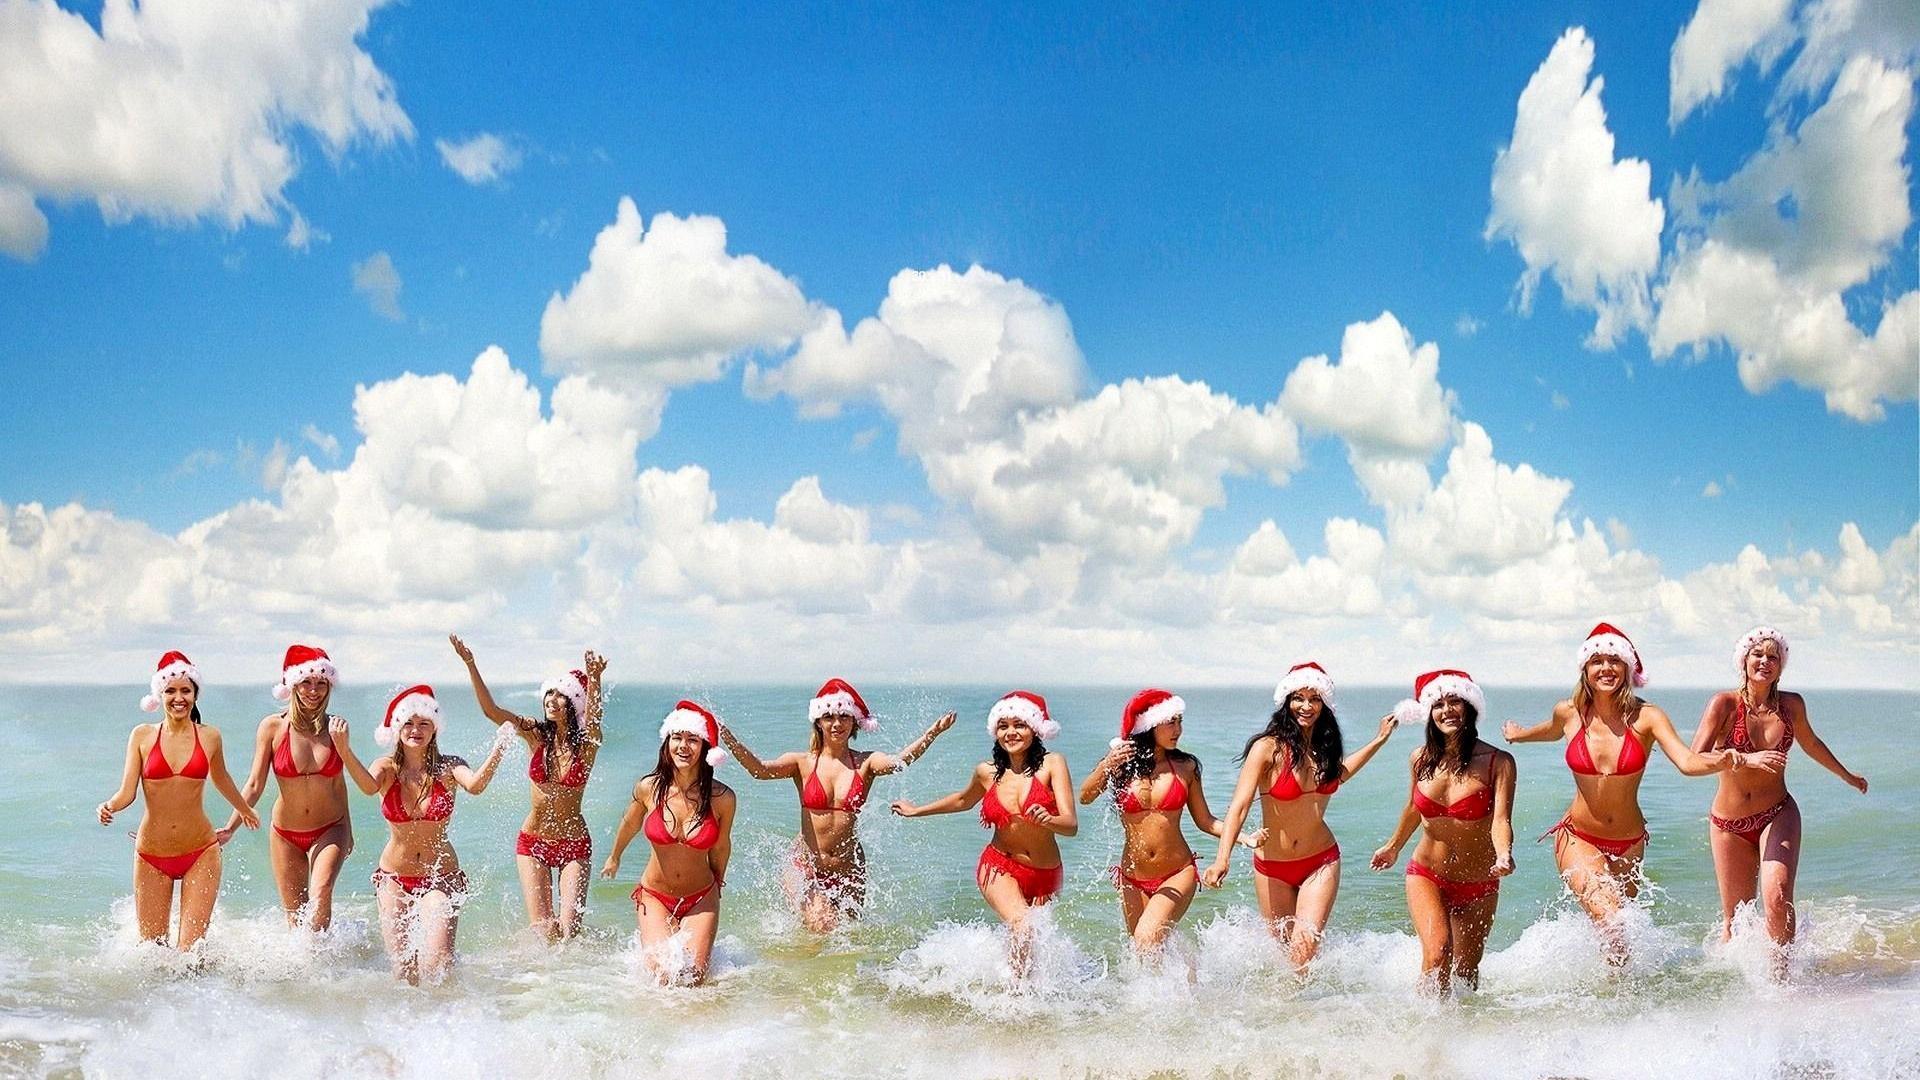 Beach Girls Wallpapers HD | Babes | Pinterest | Wallpaper